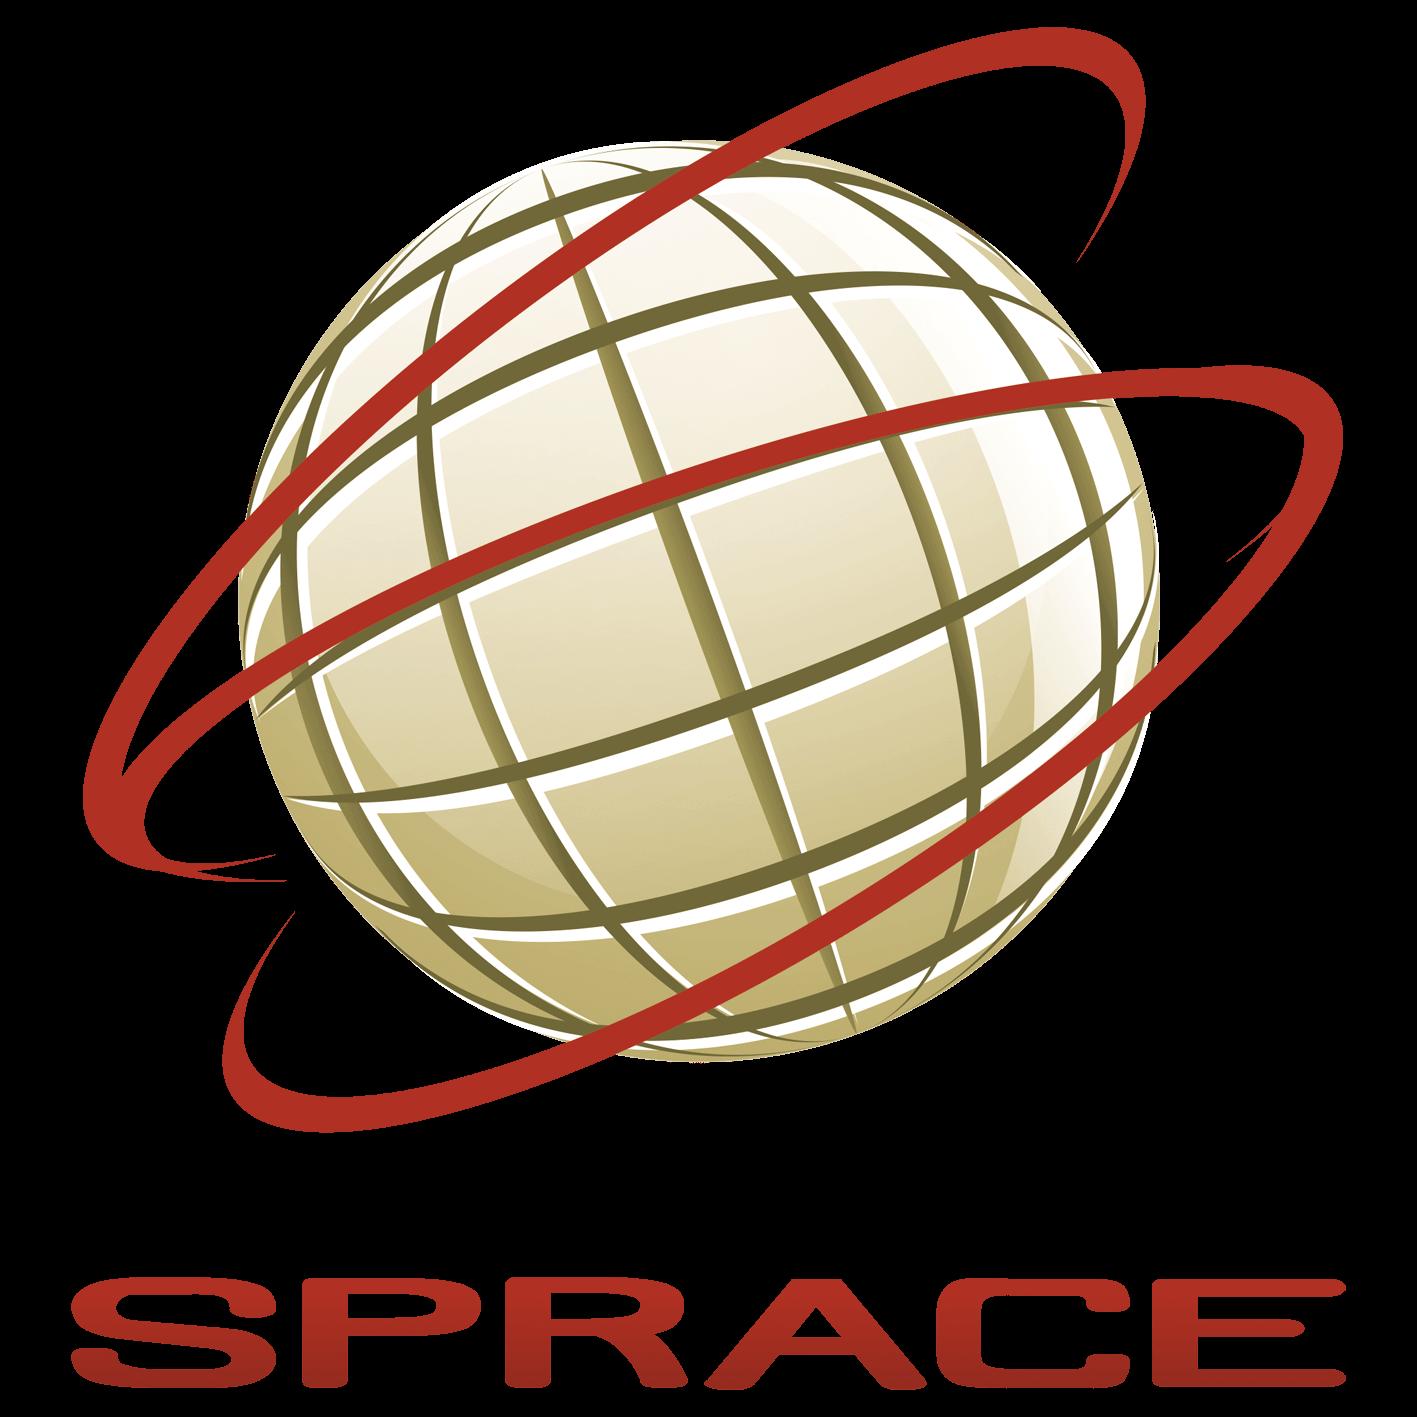 logo sprace - Jogo brasileiro ensina física com missões para colonizar Marte